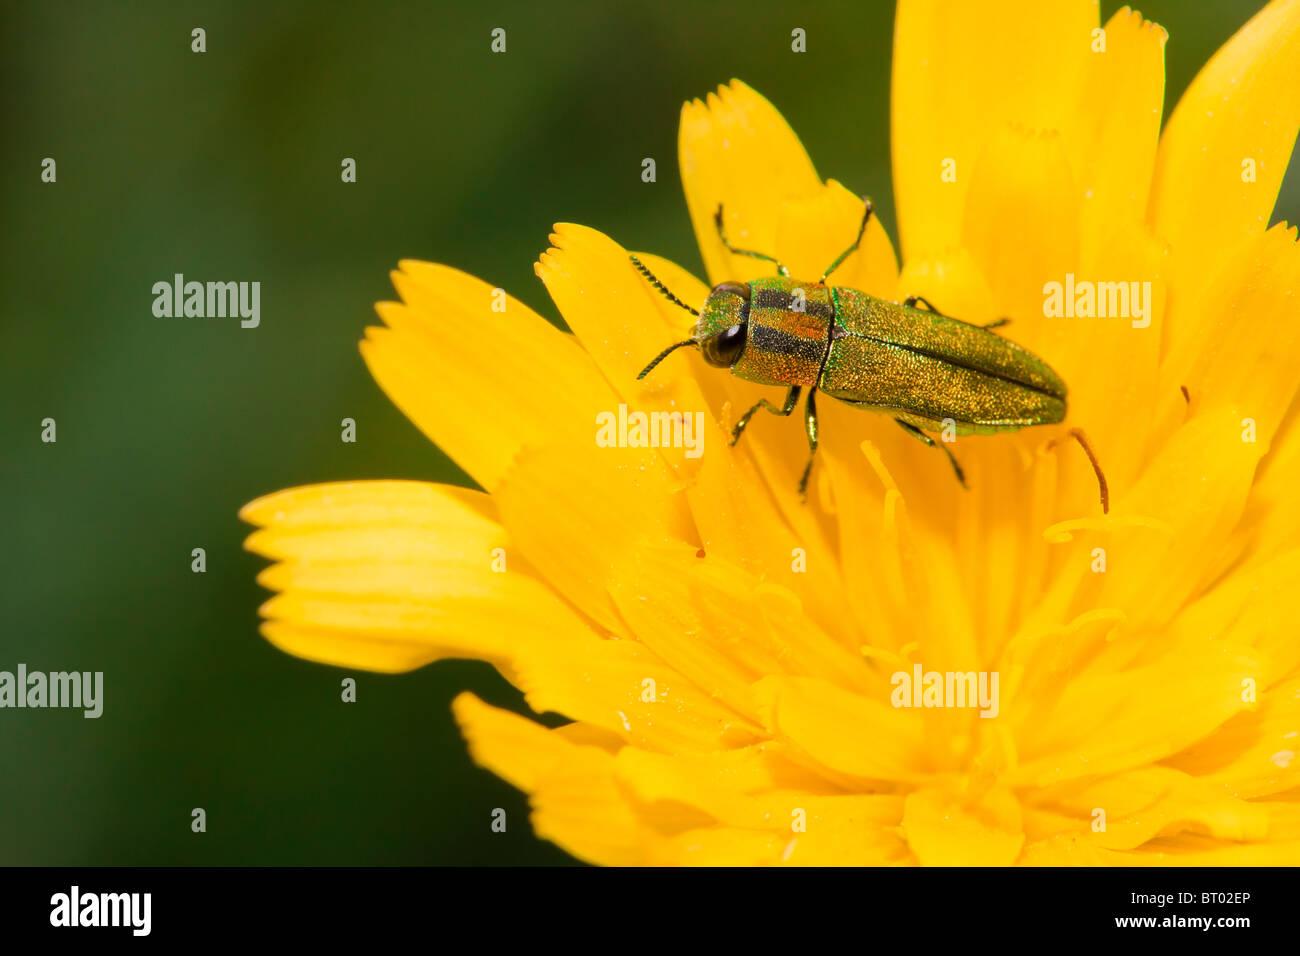 Jewel beetle - Stock Image